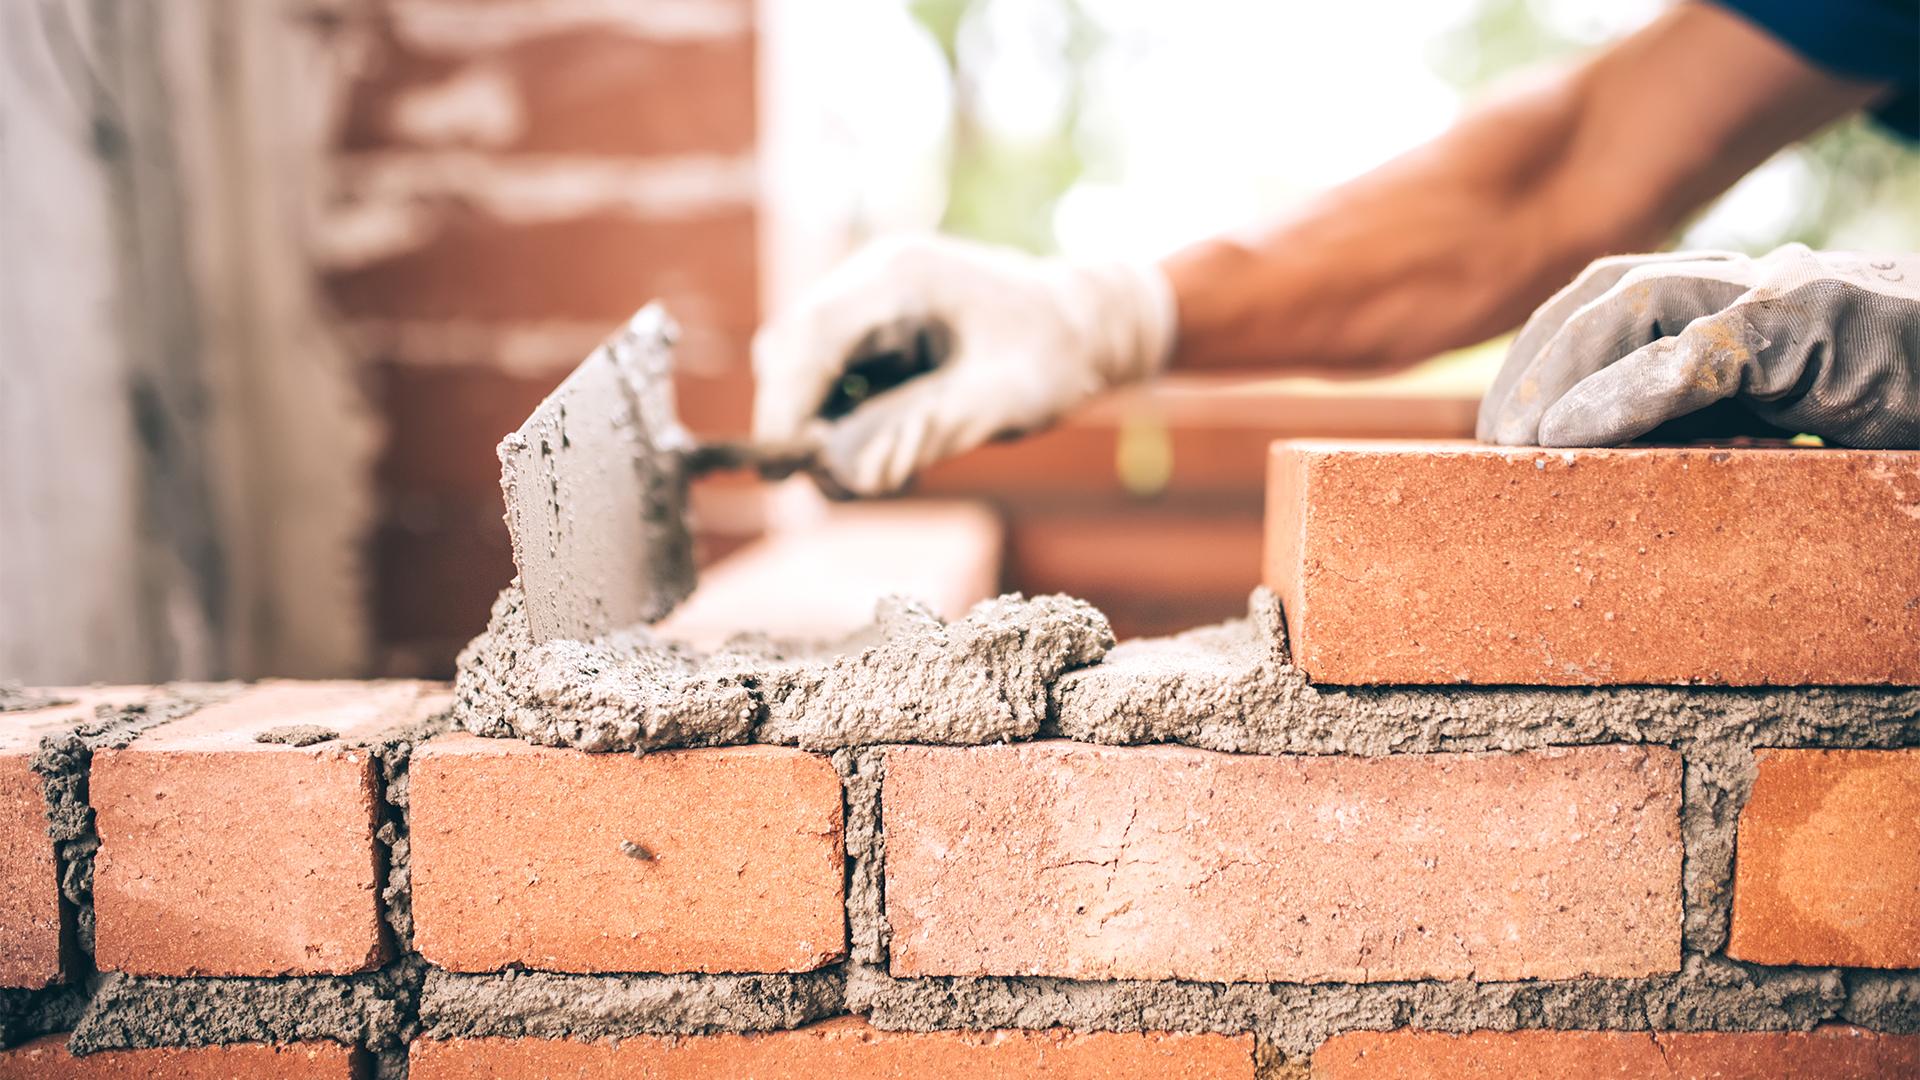 Brickworks (ASX:BKW) to acquire Redland Brick